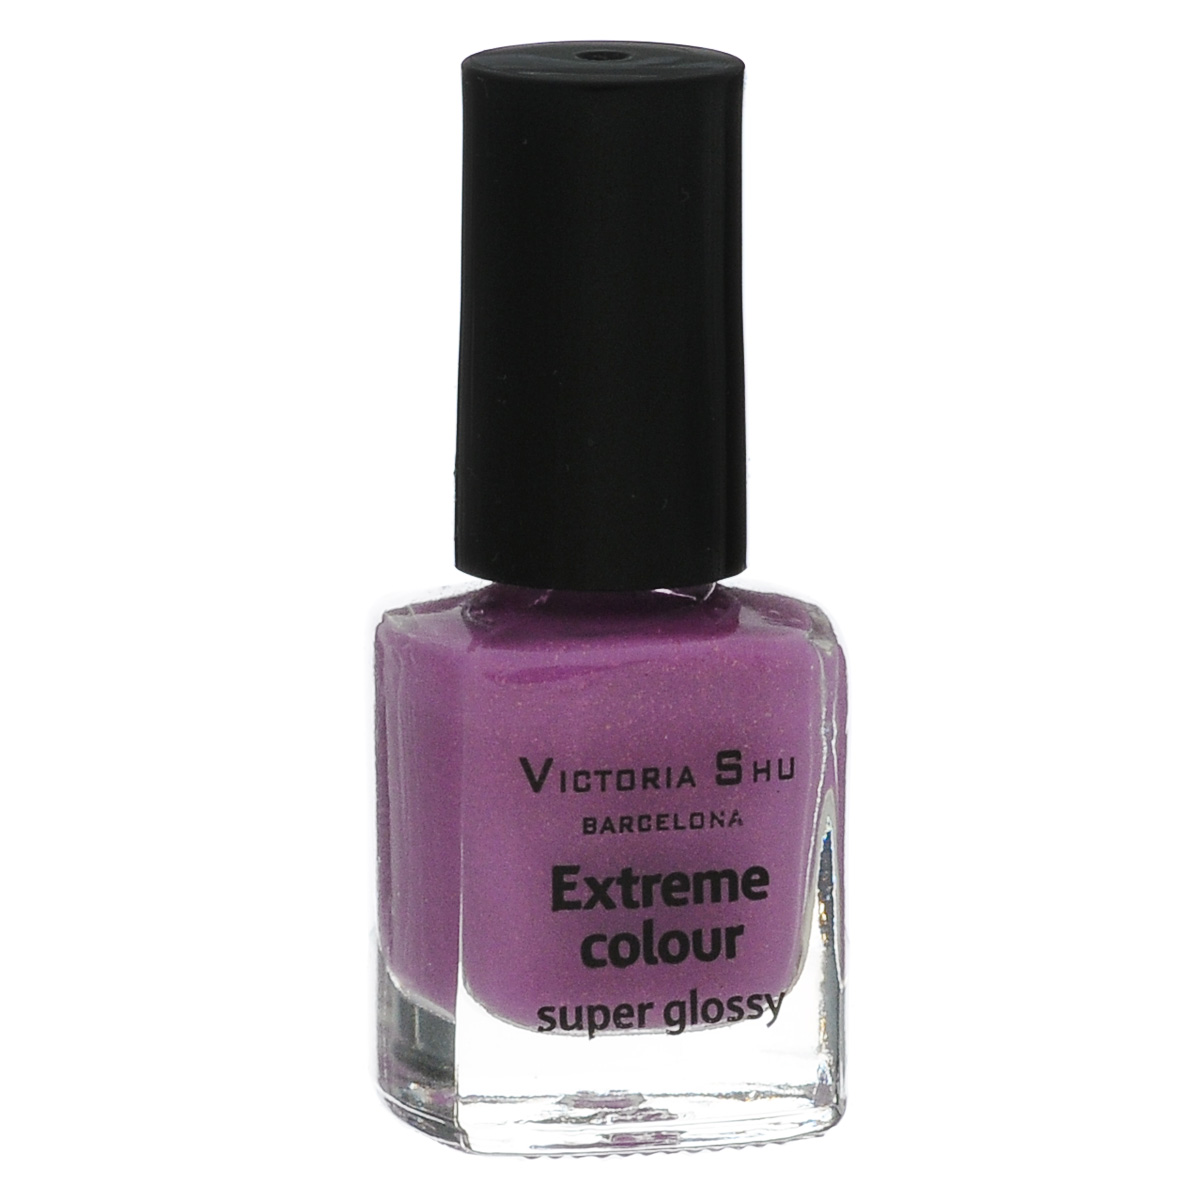 Victoria Shu Лак для ногтей Extreme Colour, тон № 259, 6 мл28032022EXTREME COLOUR от VICTORIA SHU – это 35 ярких, смелых, соблазнительных оттенков. Модный тренд – матовая, насыщенная текстура. Любые цвета – на любой вкус, от нежных пастельных, интенсивных супермодных оранжевых, лиловых и оттенков фуксии до сенсационных красного и черного.